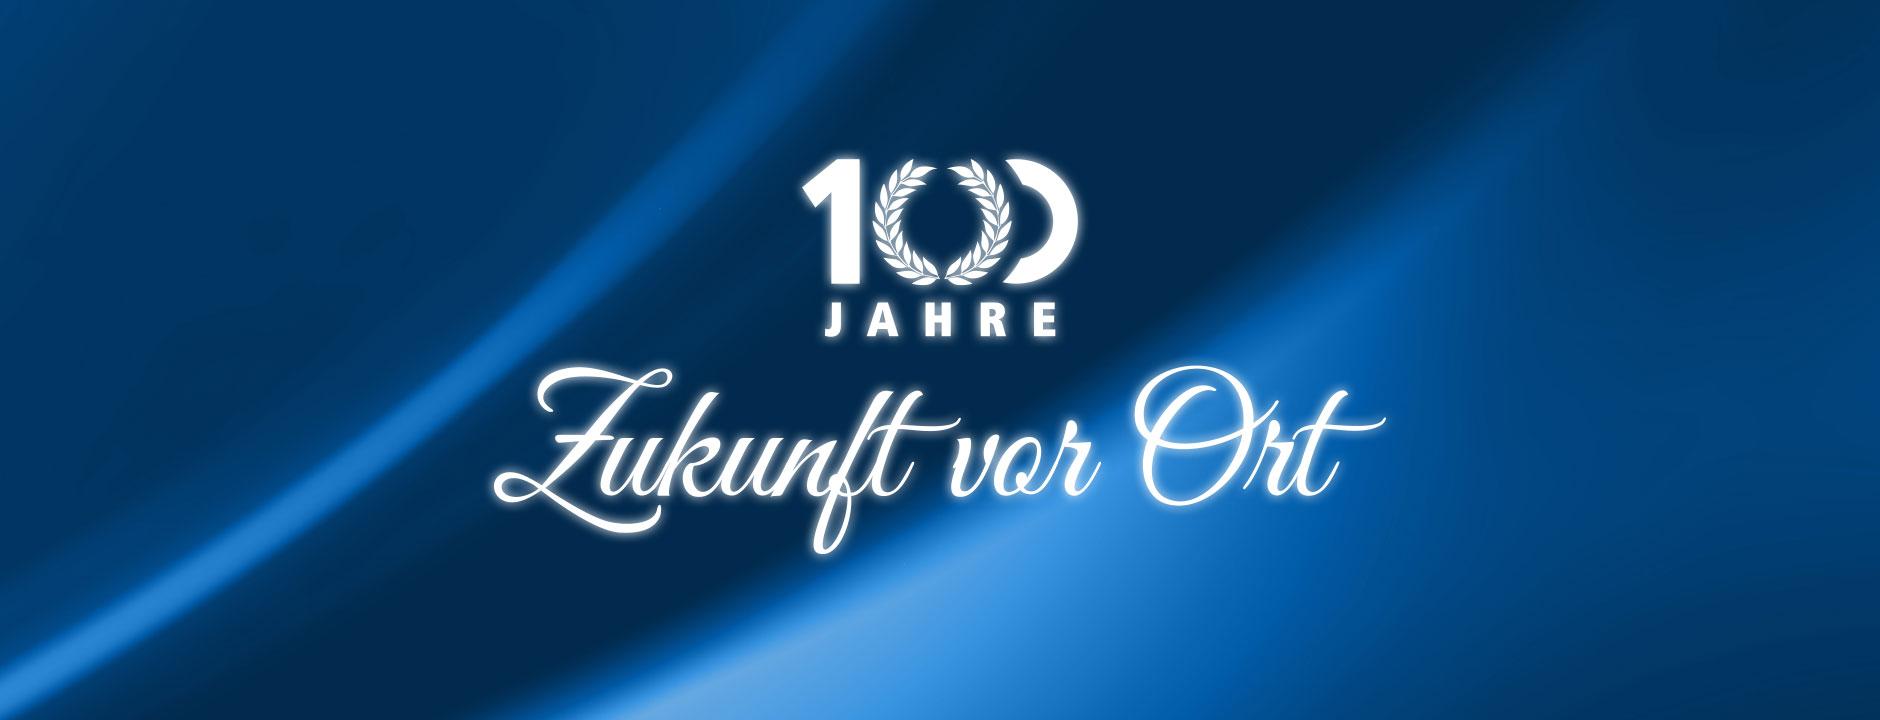 Volksbank Spree-Neiße Jubiläum - Design